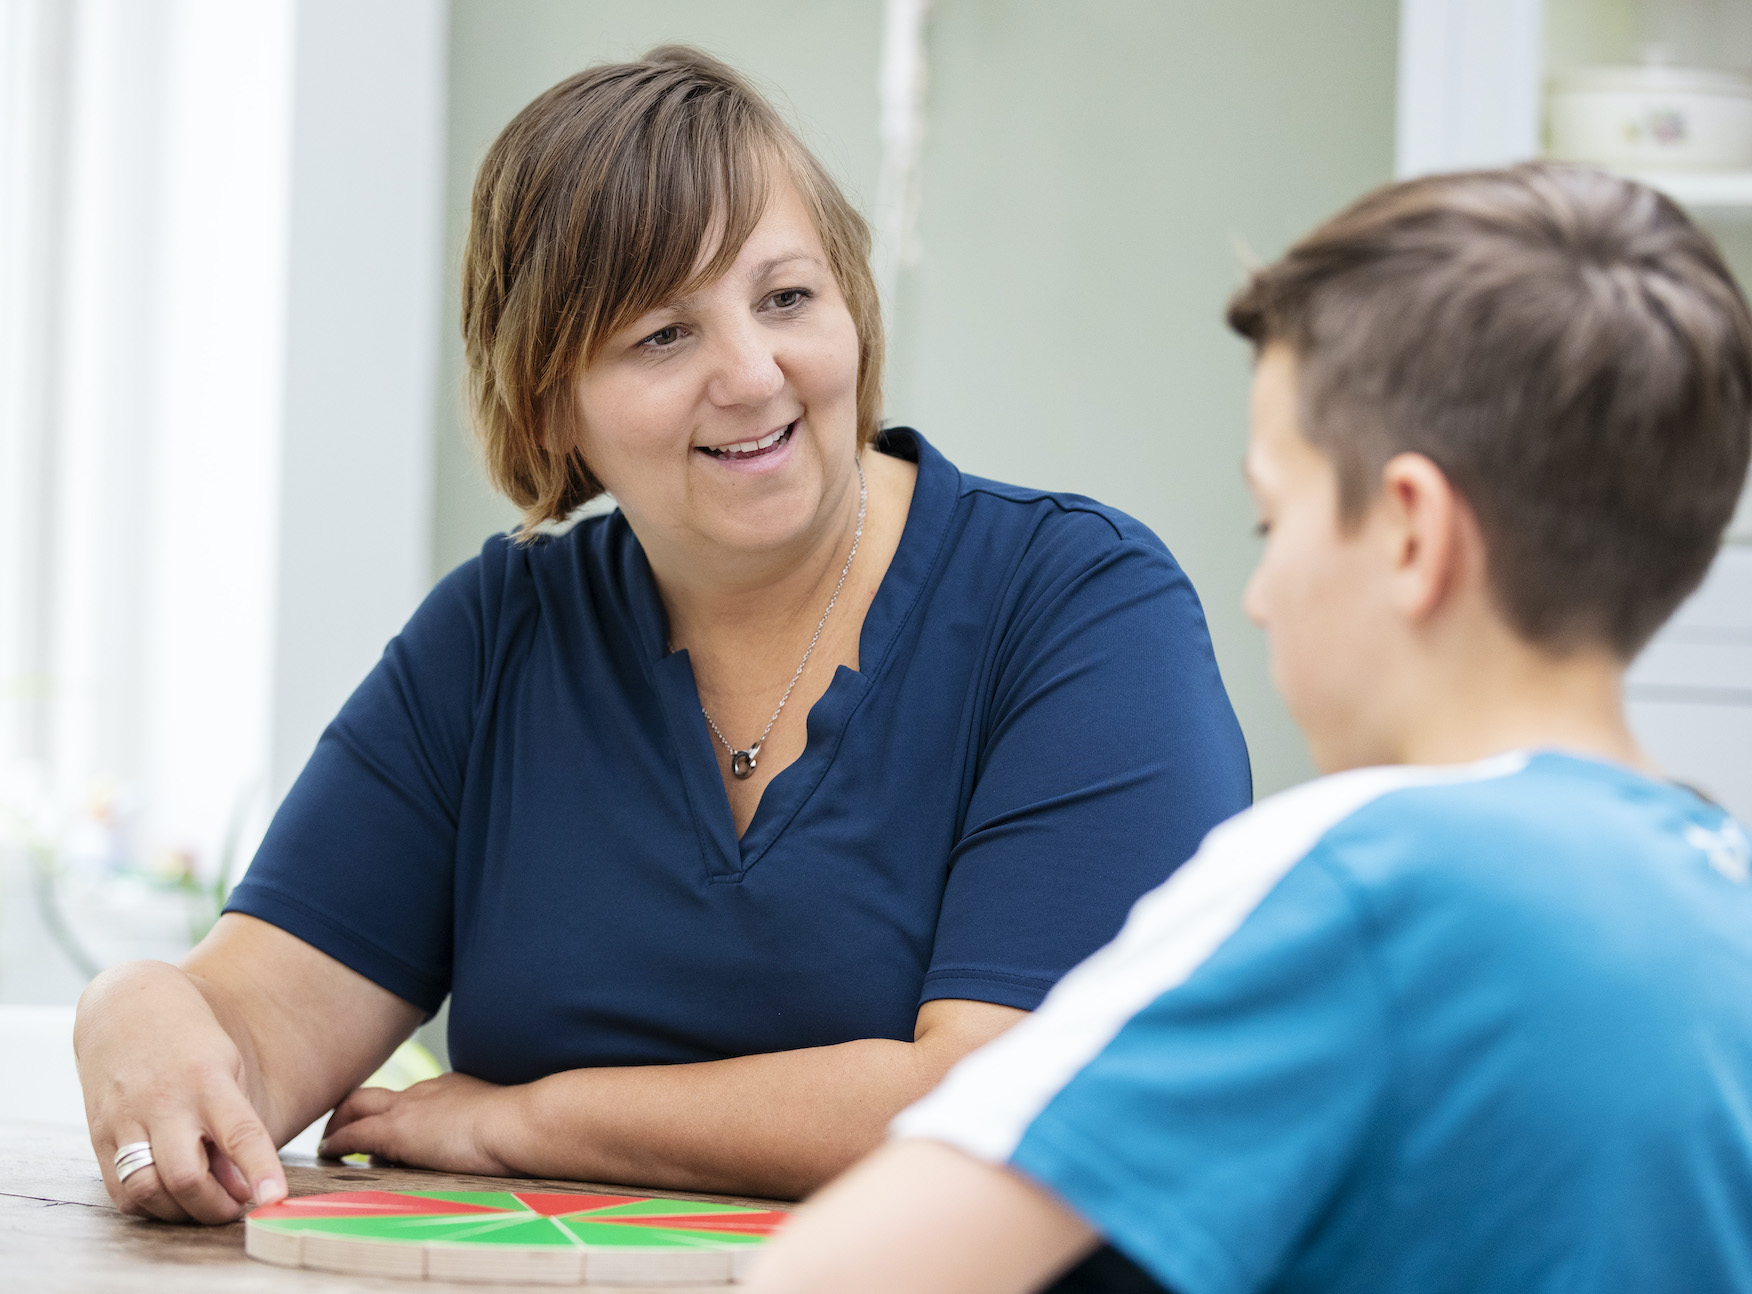 Linda van Rijen, LeerRijk Training en Coaching, leerondersteuning, psychomotorisch kindercoach, psychomotorisch remedial teacher, leerproblemen